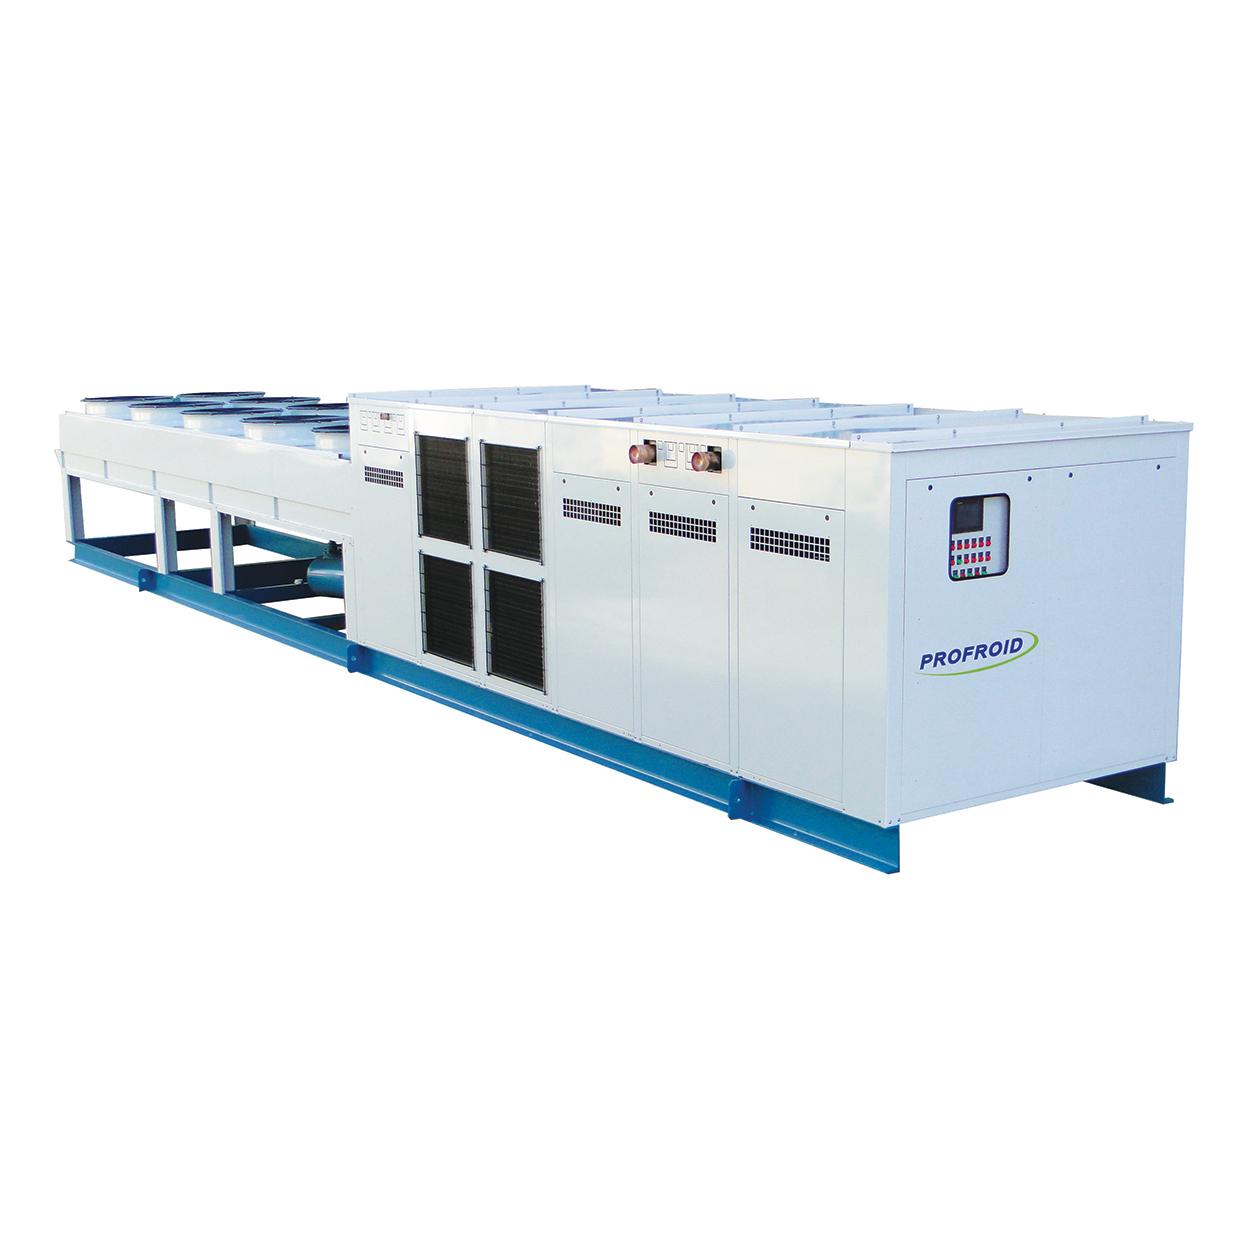 Profroid-GC3-GC5-condensing-unit